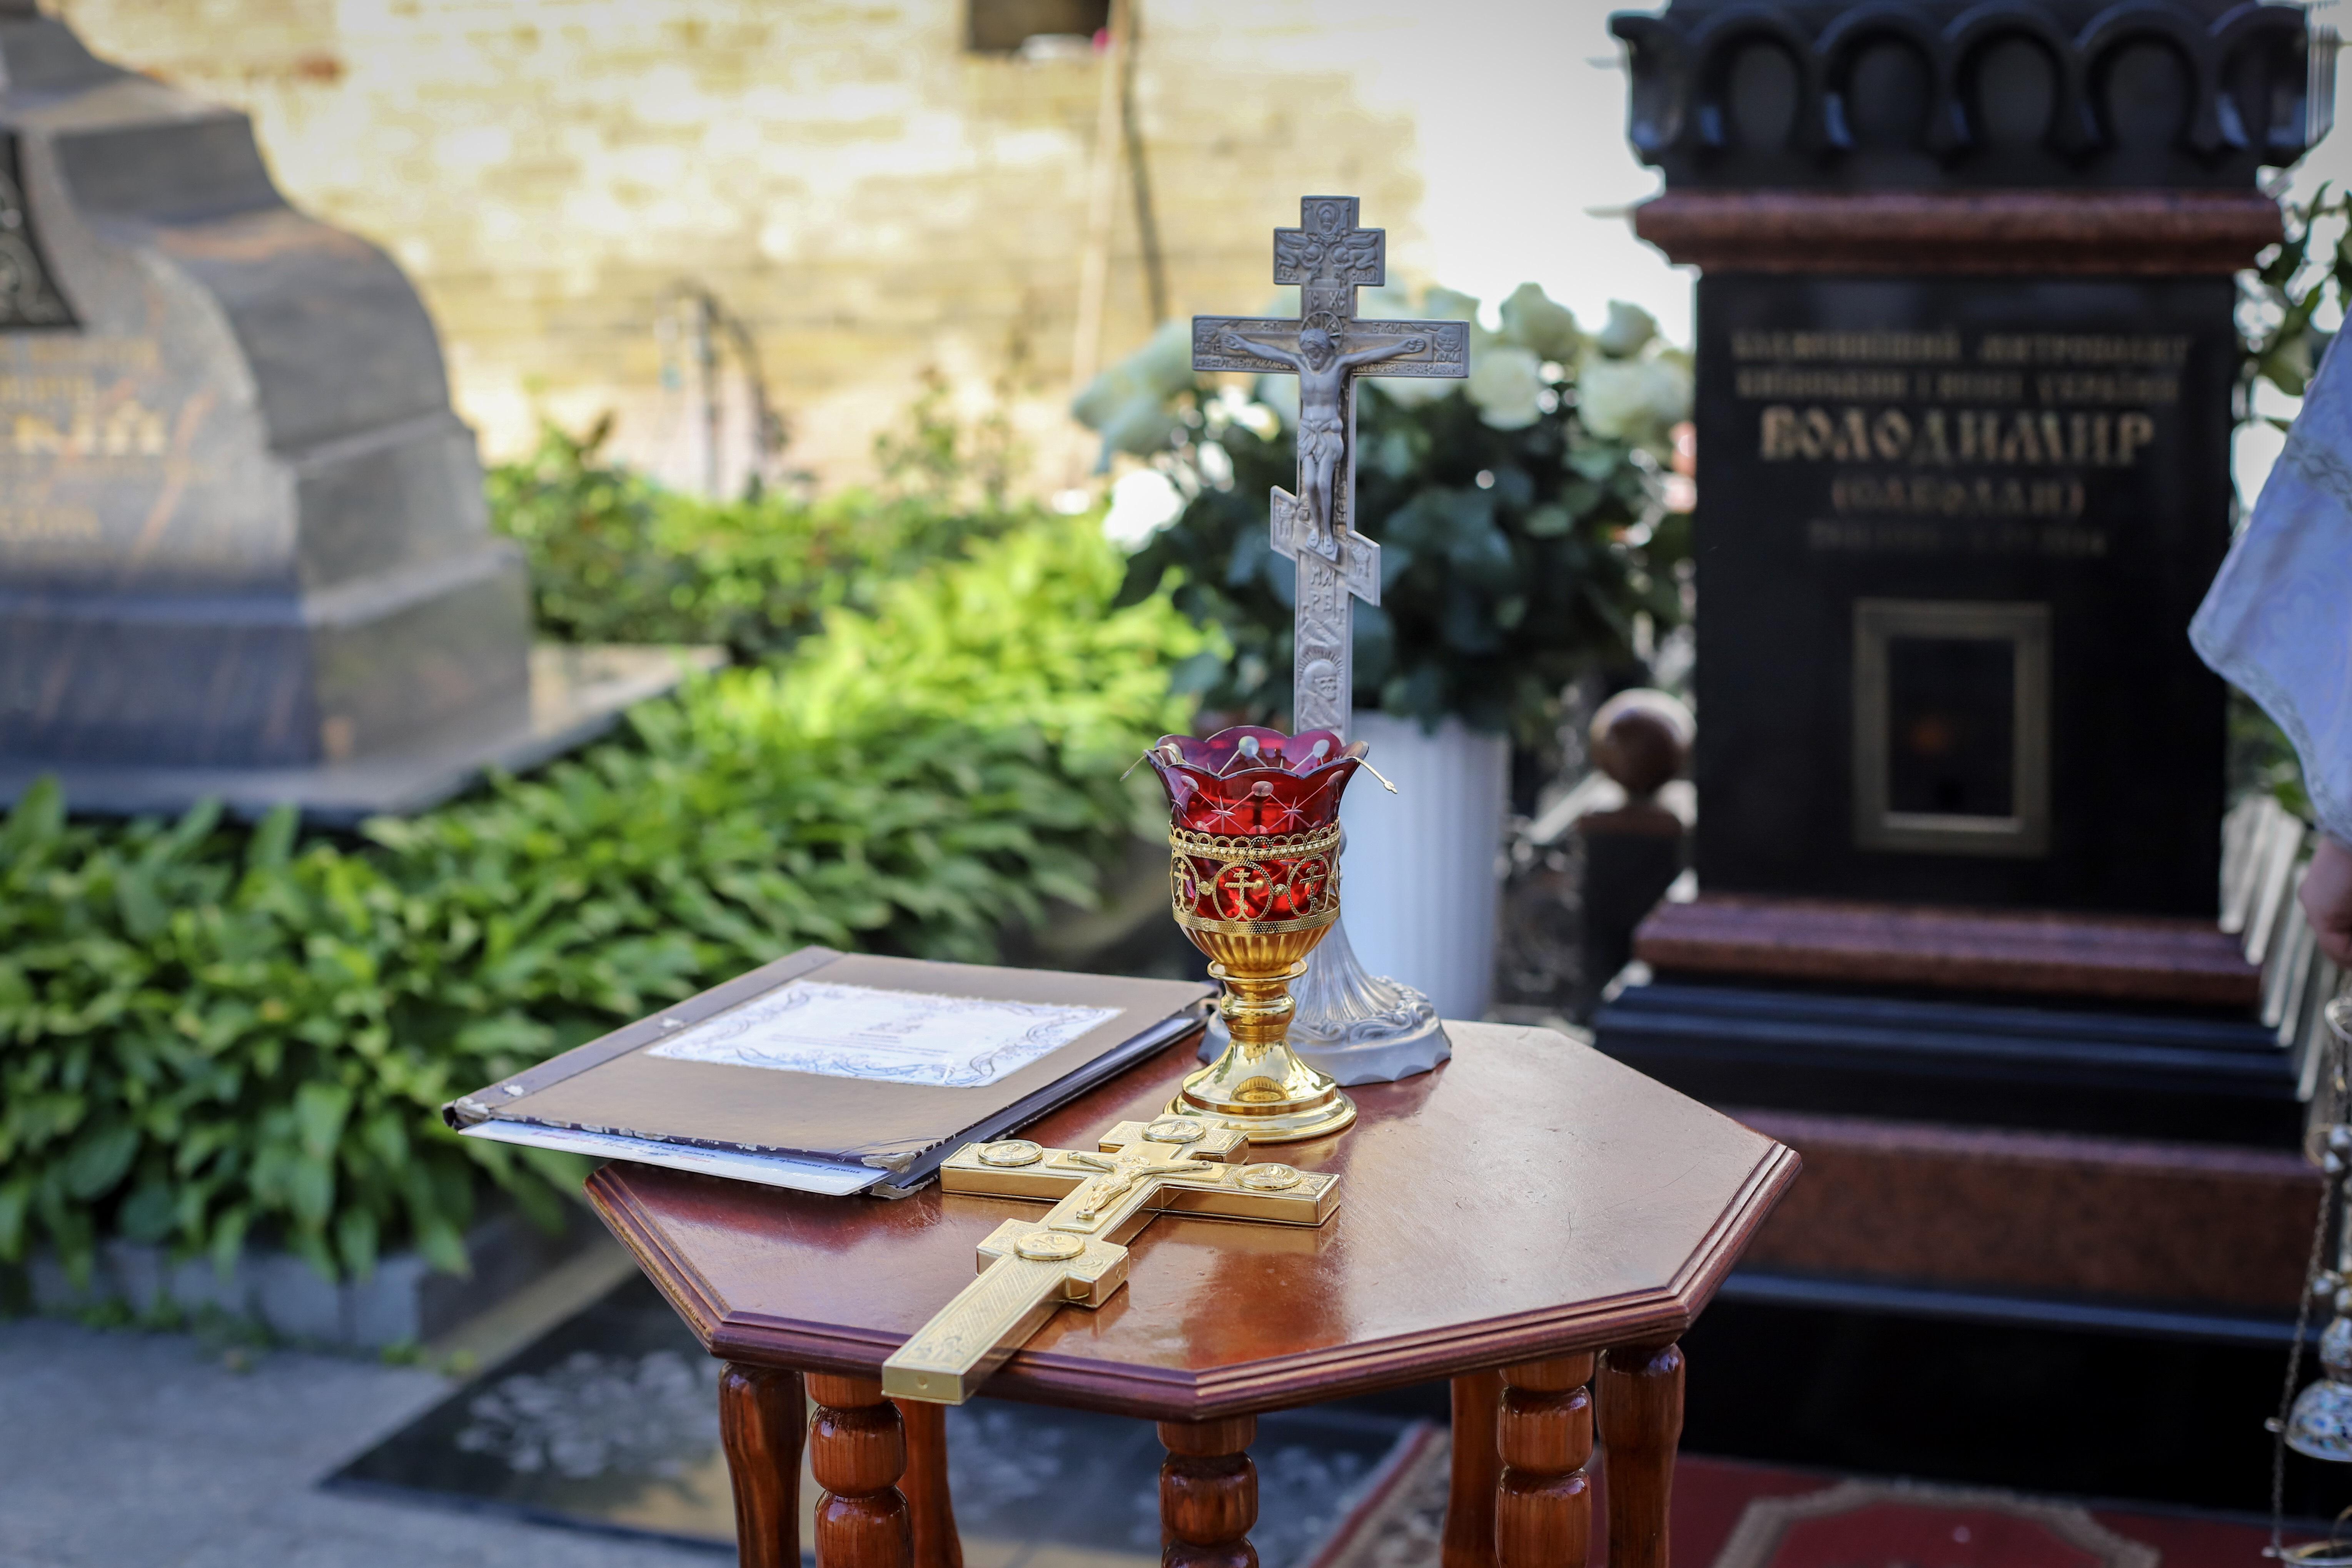 У 27-му річницю Харківського Архієрейського Собору в КДАіС відслужена заупокійна літія за спочилими учасниками Собору